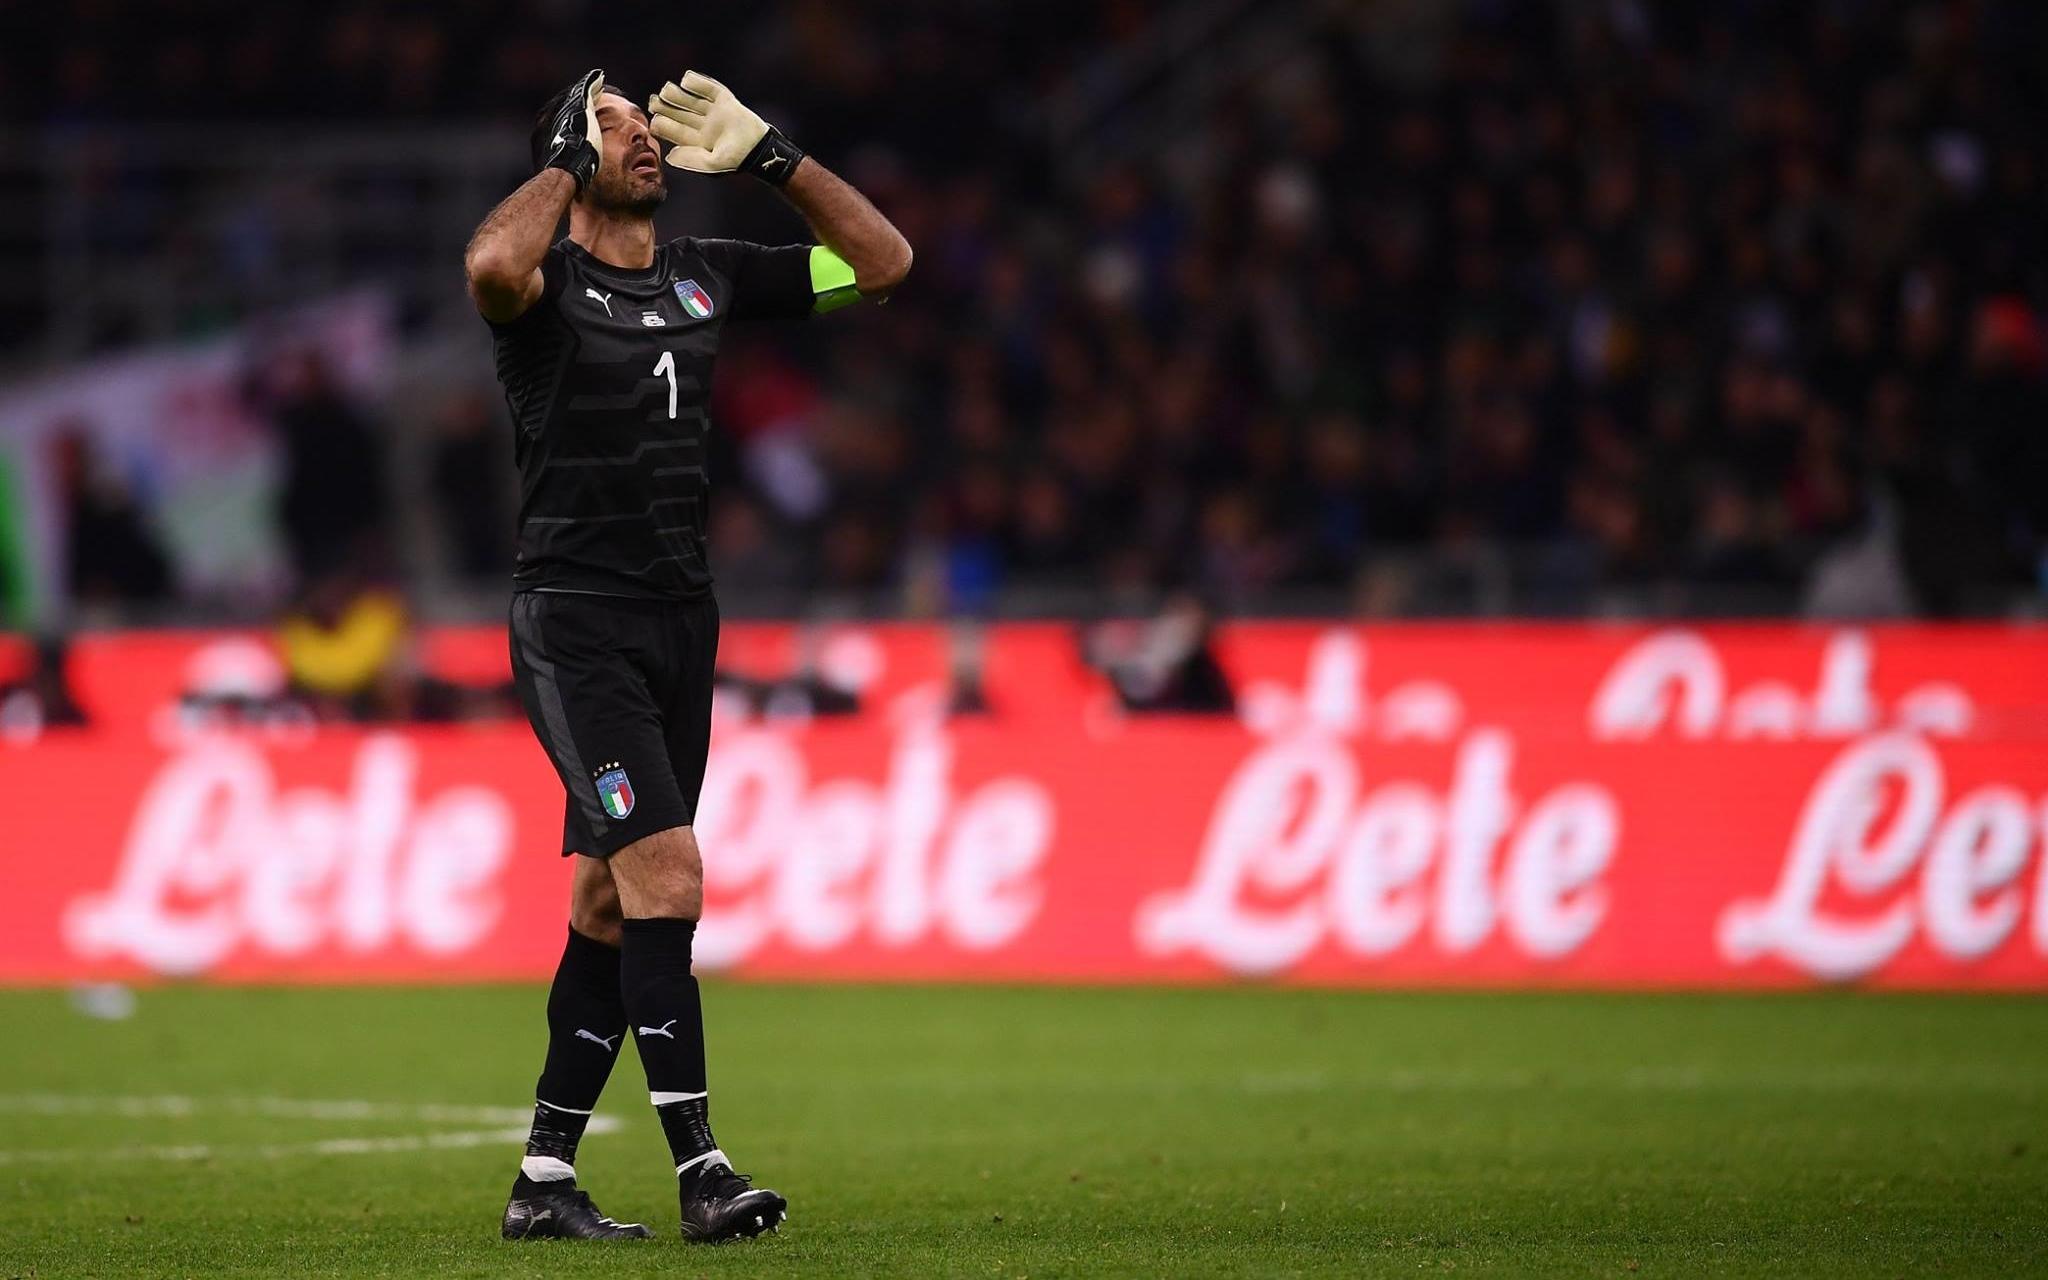 Italia se queda fuera del Mundial por primera vez desde 1958